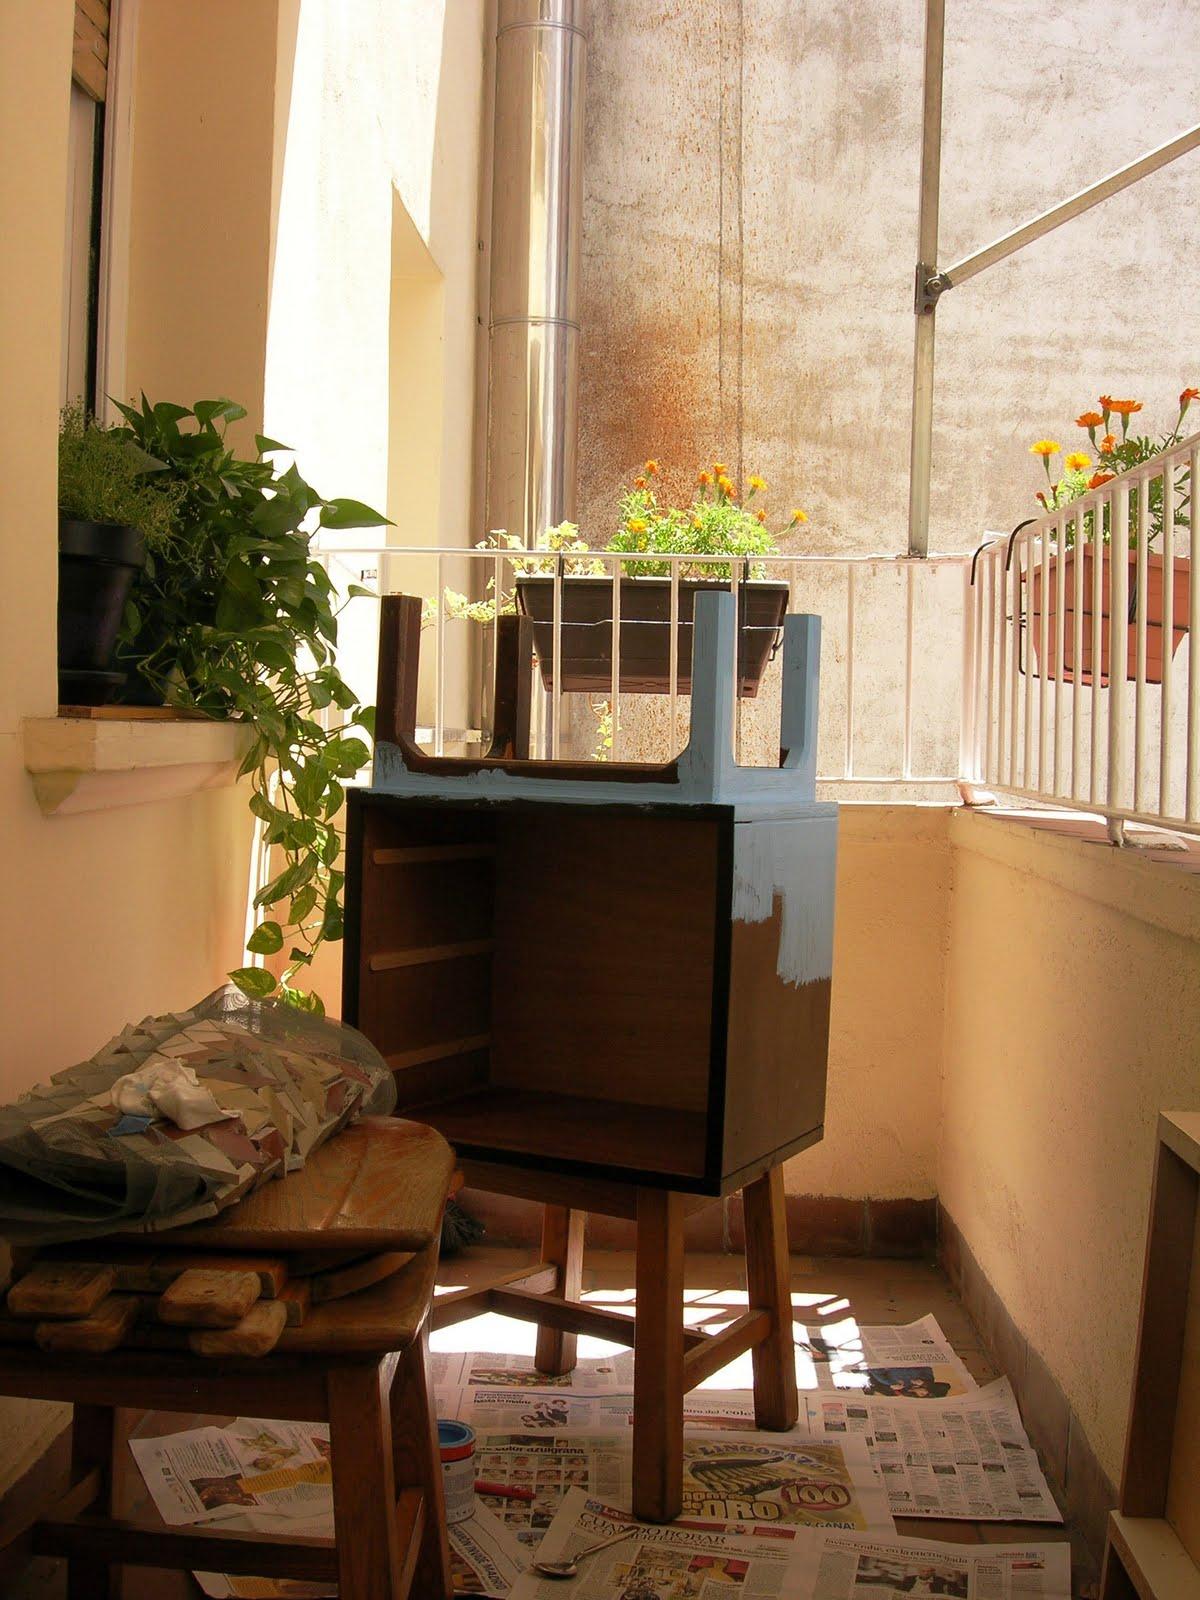 Naifandtastic decoraci n craft hecho a mano restauracion muebles casas peque as boda - Mesita noche pequena ...